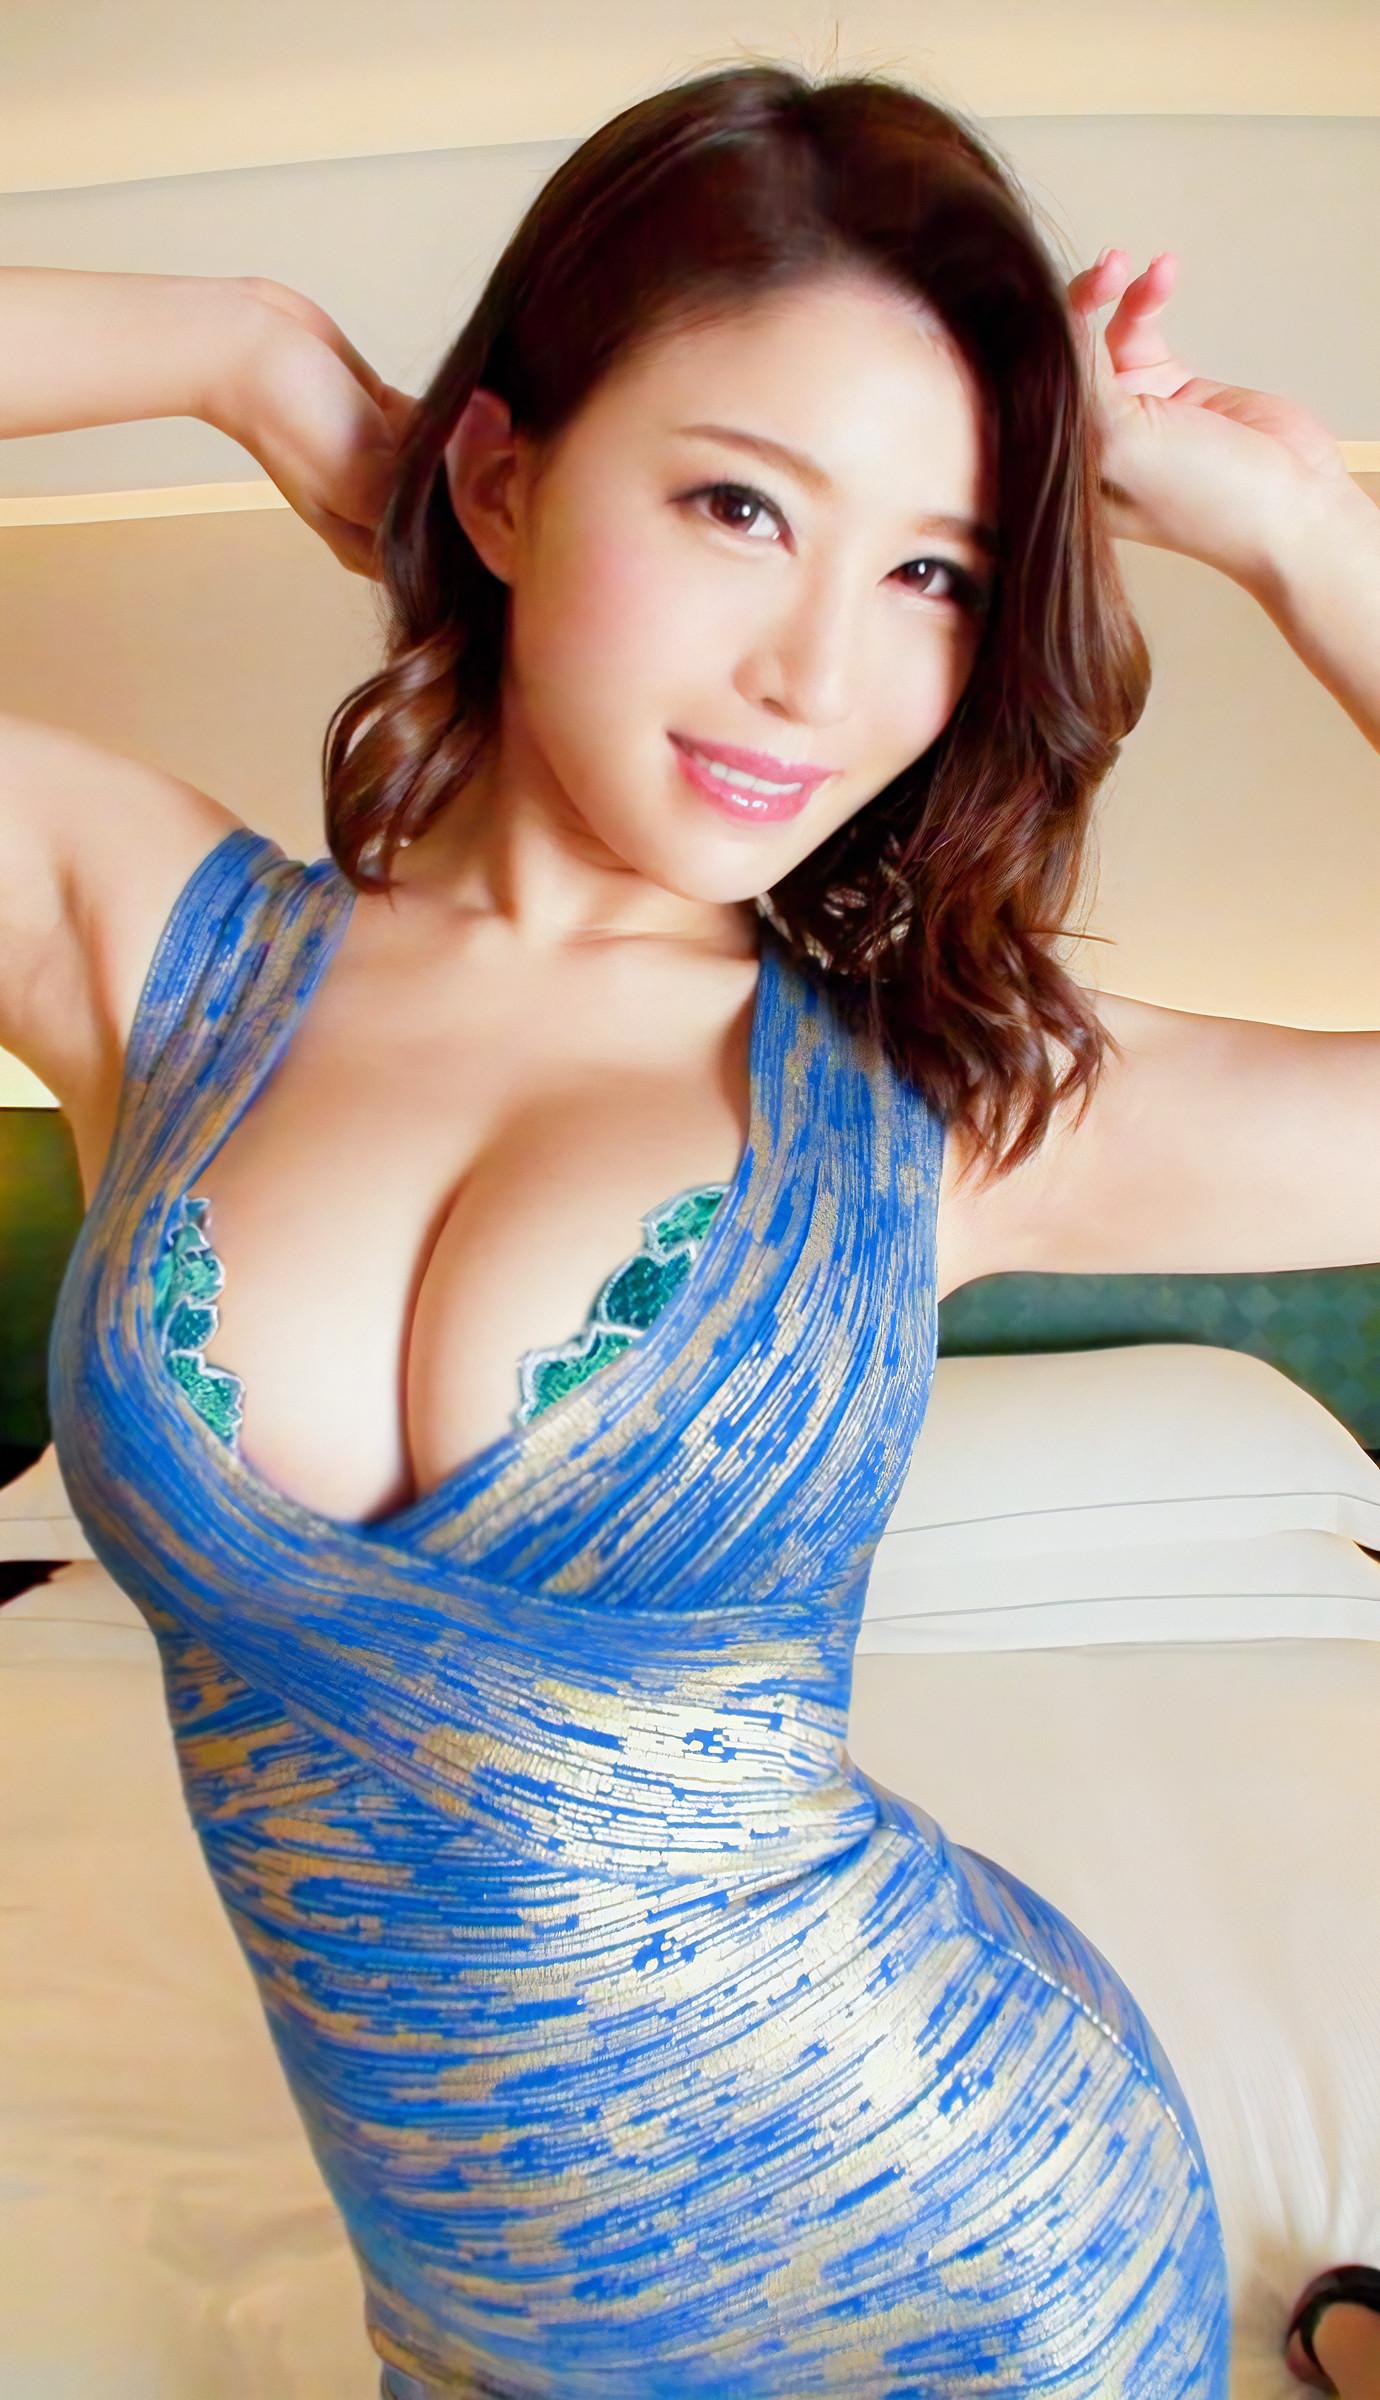 巨乳女子の着衣胸の谷間